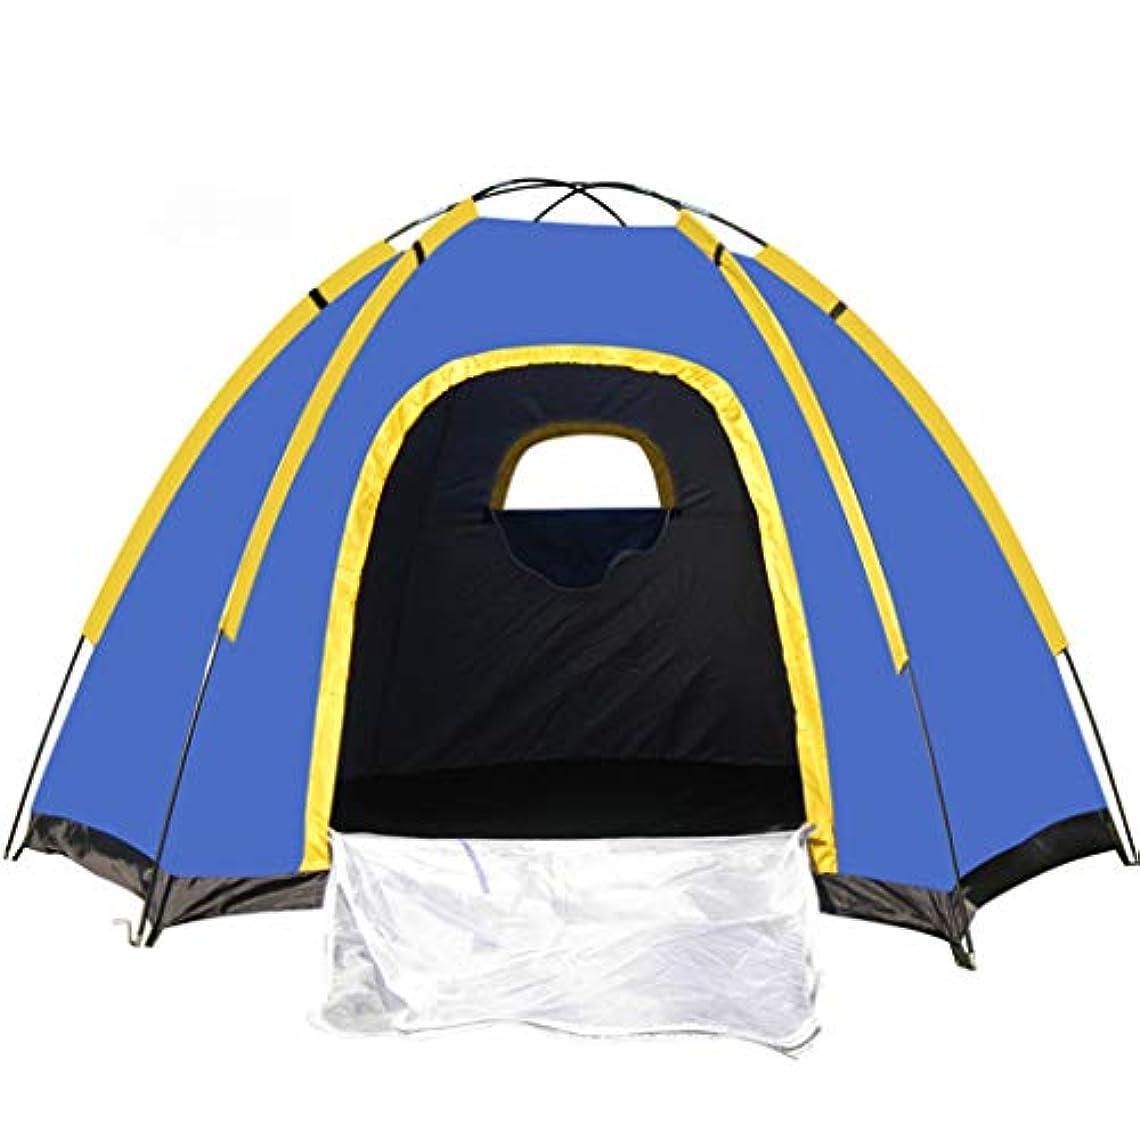 聴く近々世界に死んだ屋外家族旅行テント、大容量3?4人防水キャンプ通気性多機能テントキャンプハイキング釣り休暇用